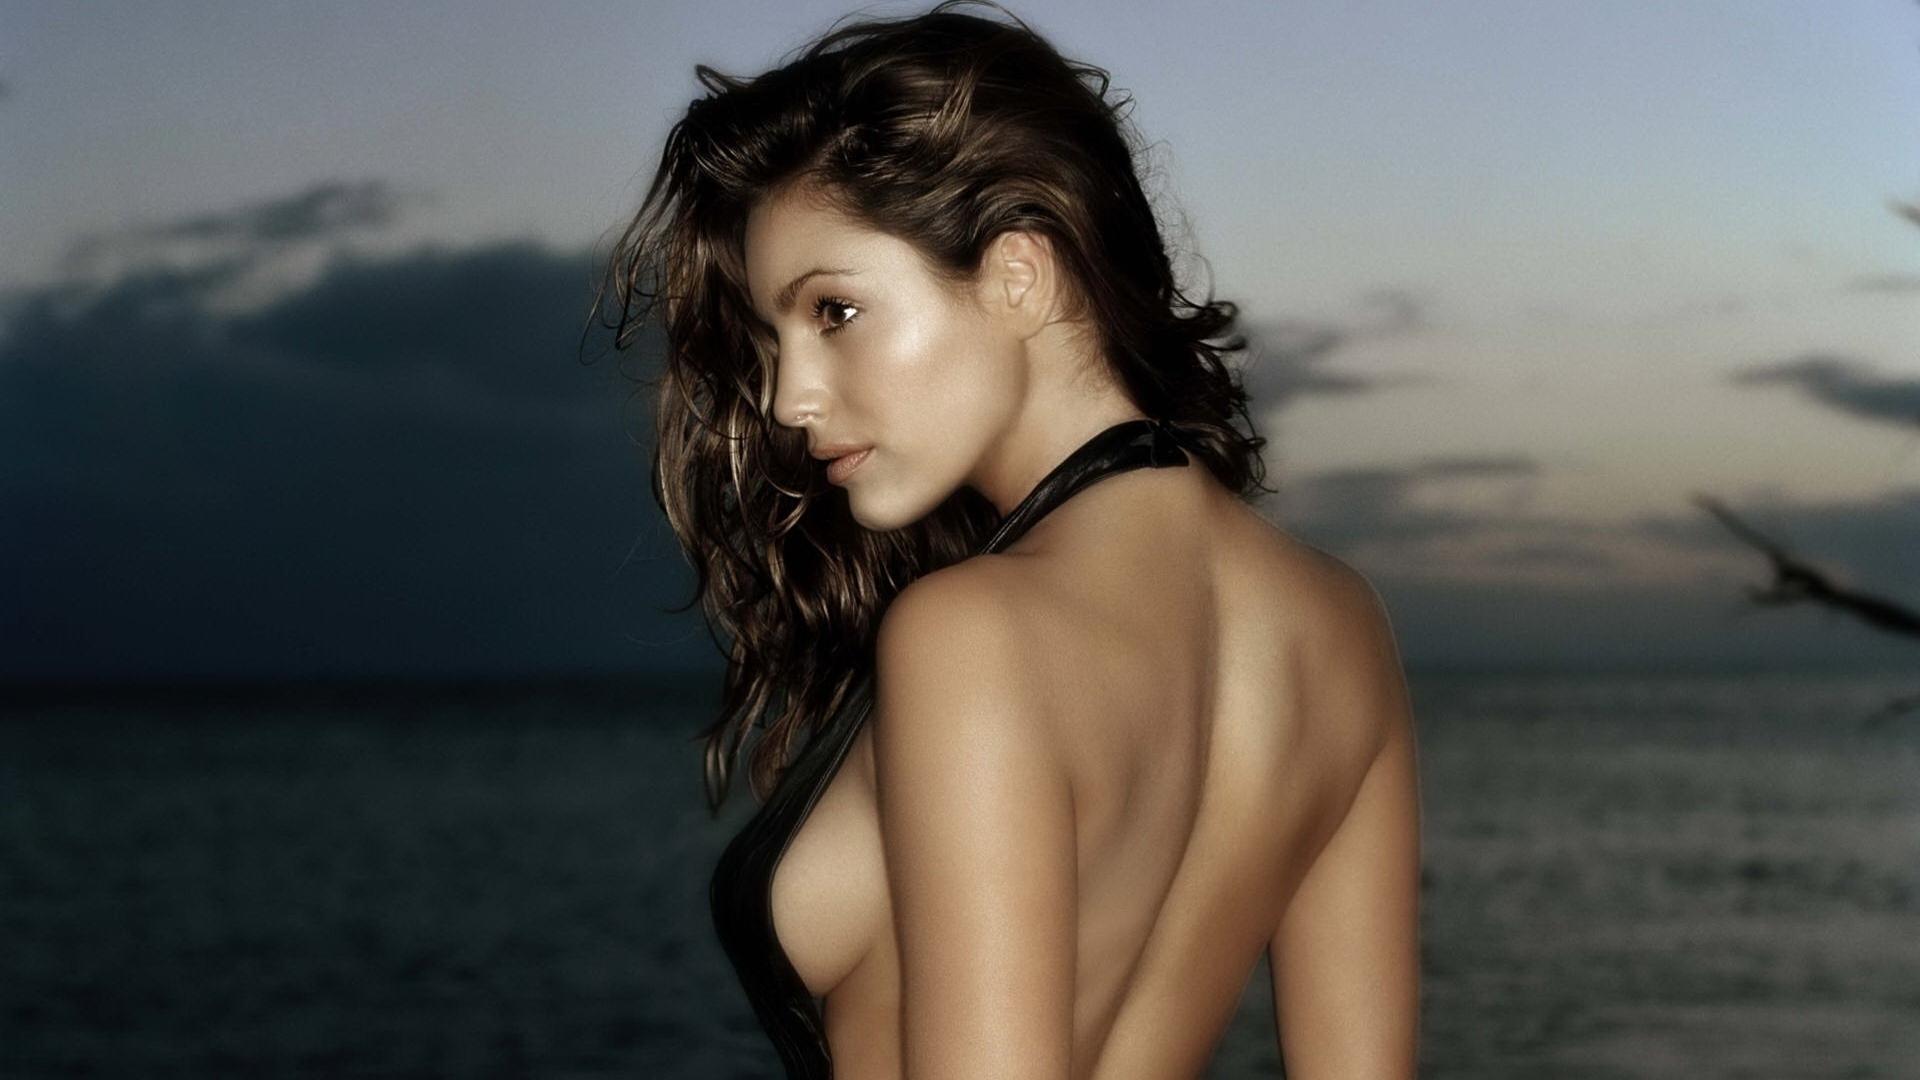 Самые красивые голы девушек 15 фотография